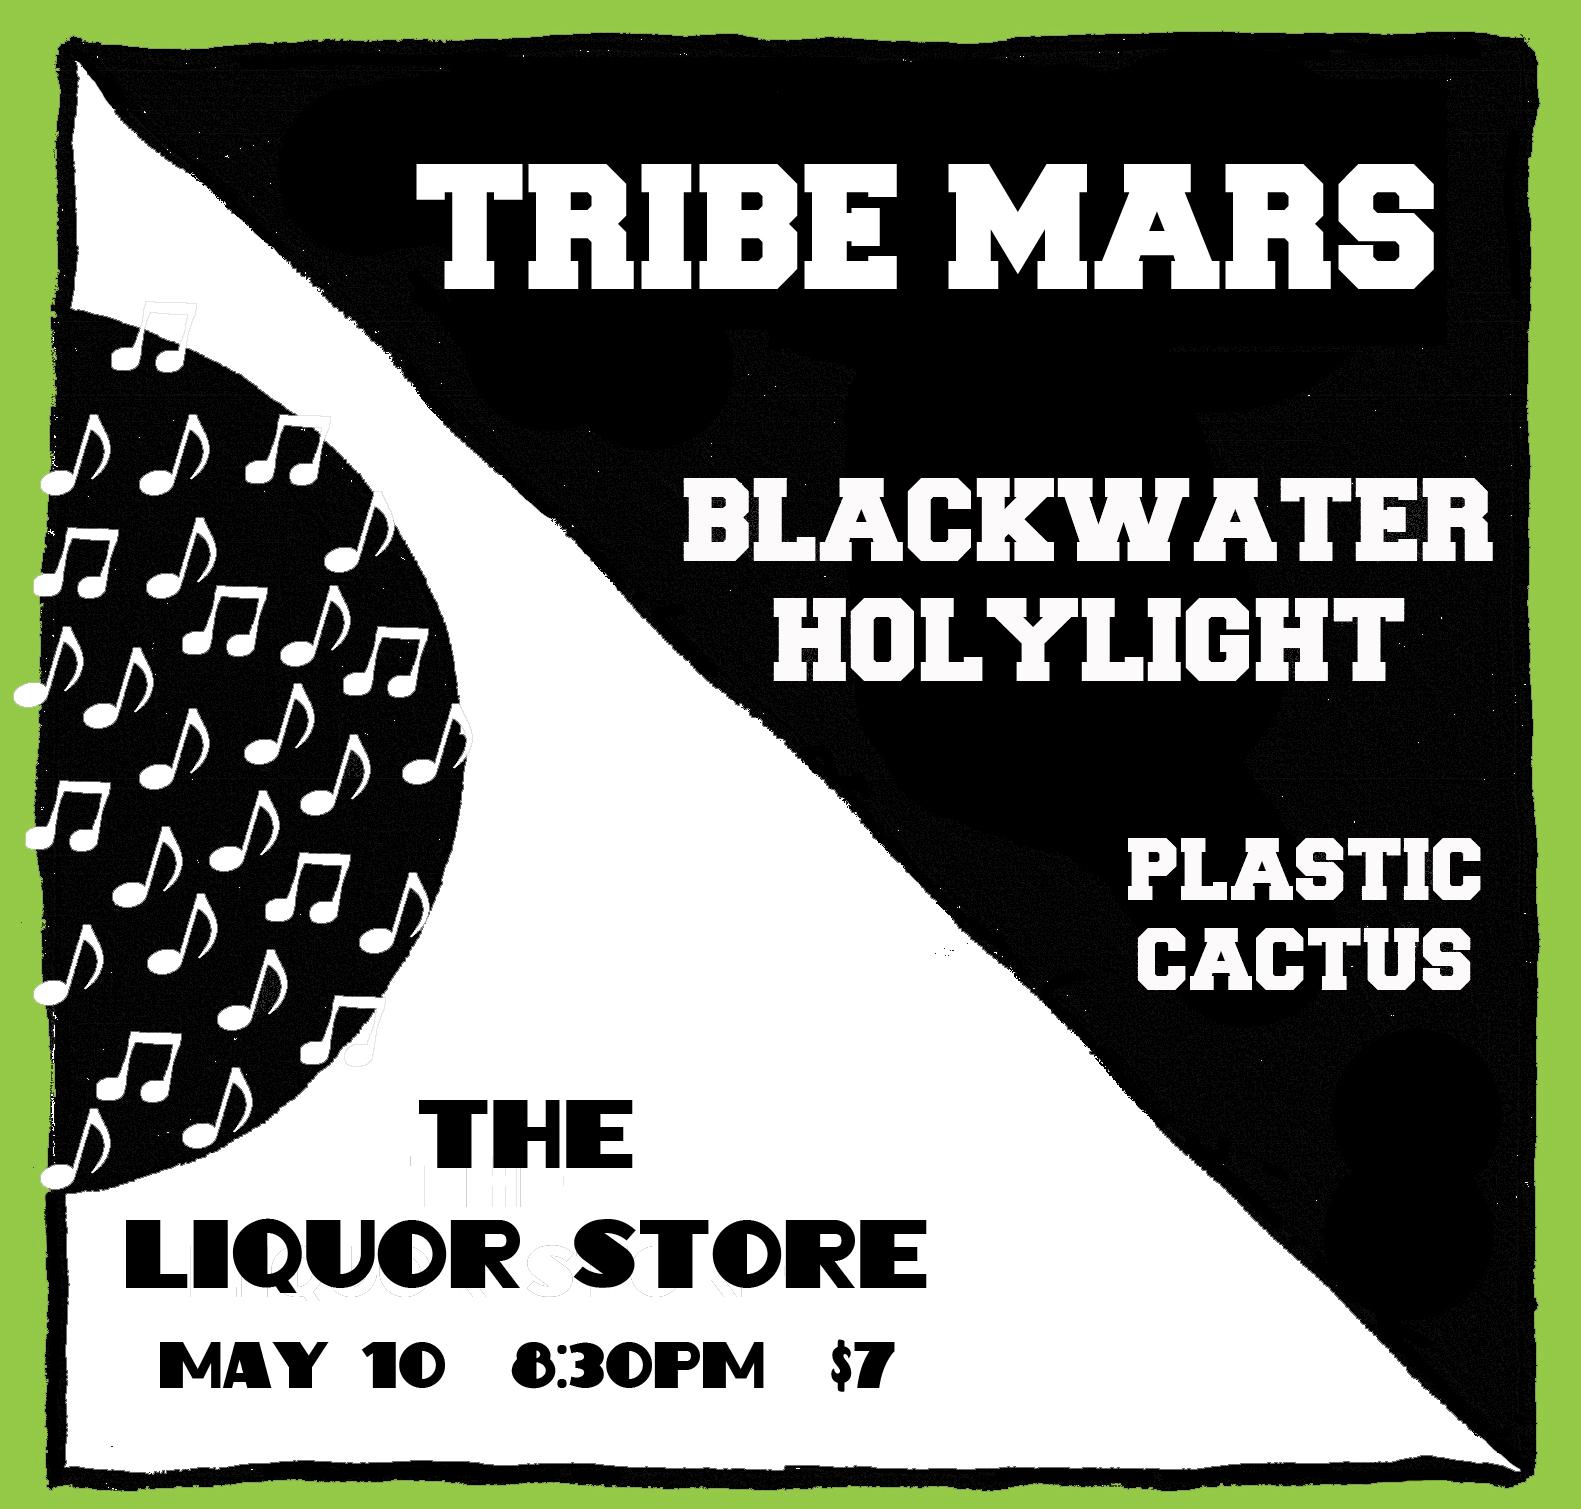 Liquor Store show